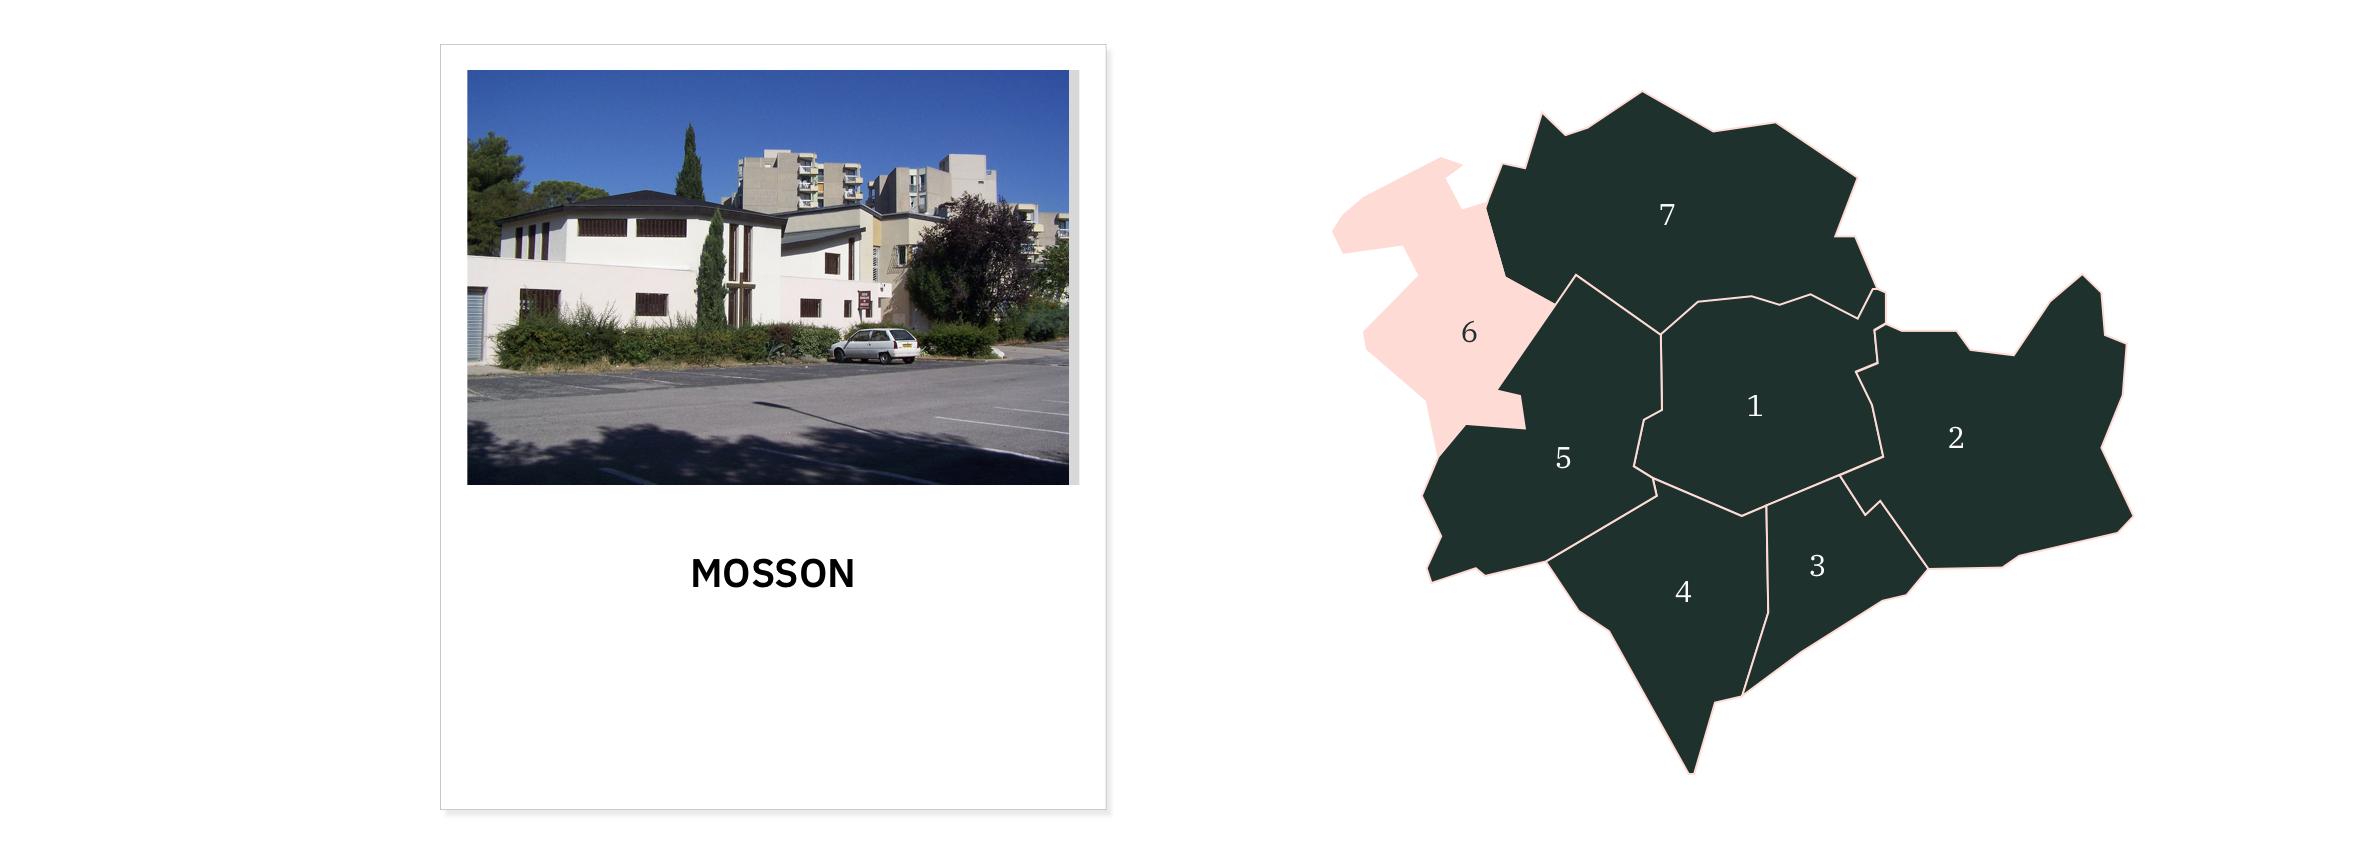 La Mosson ⎮ Carte des quartiers de Montpellier